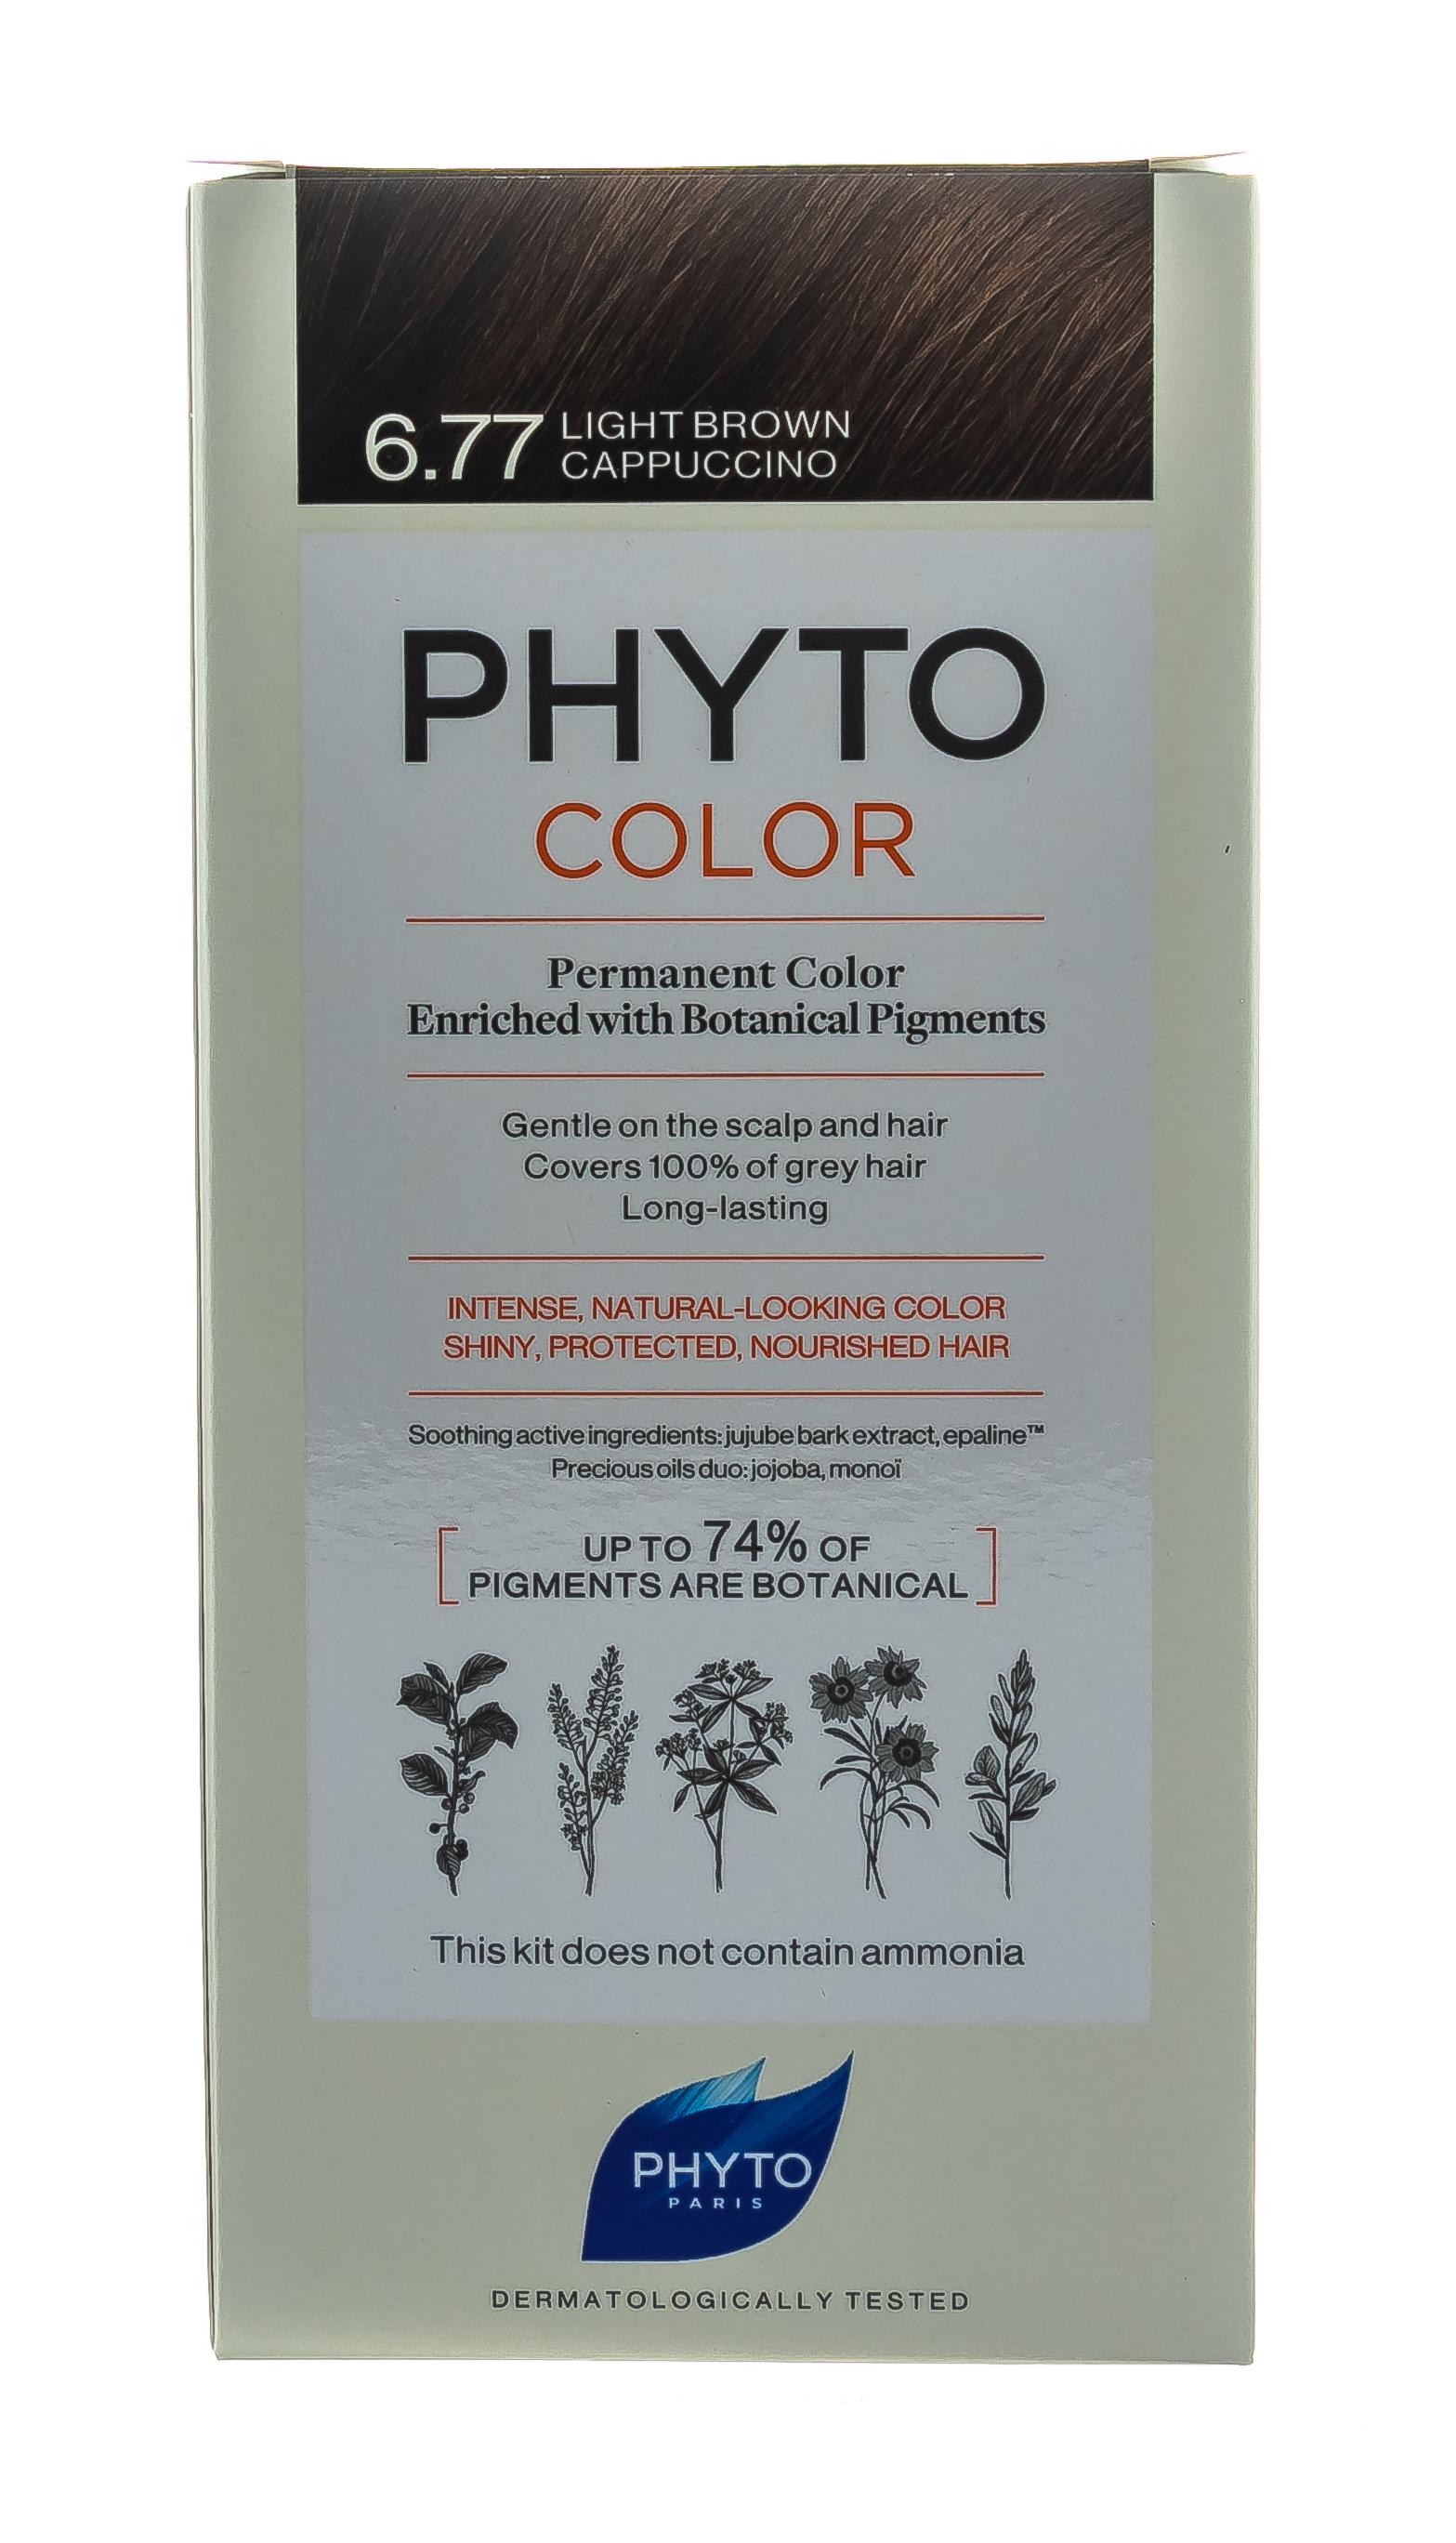 Купить Phyto Краска для волос светлый каштан - капучино, 1 шт (Phyto, Phyto Color), Франция